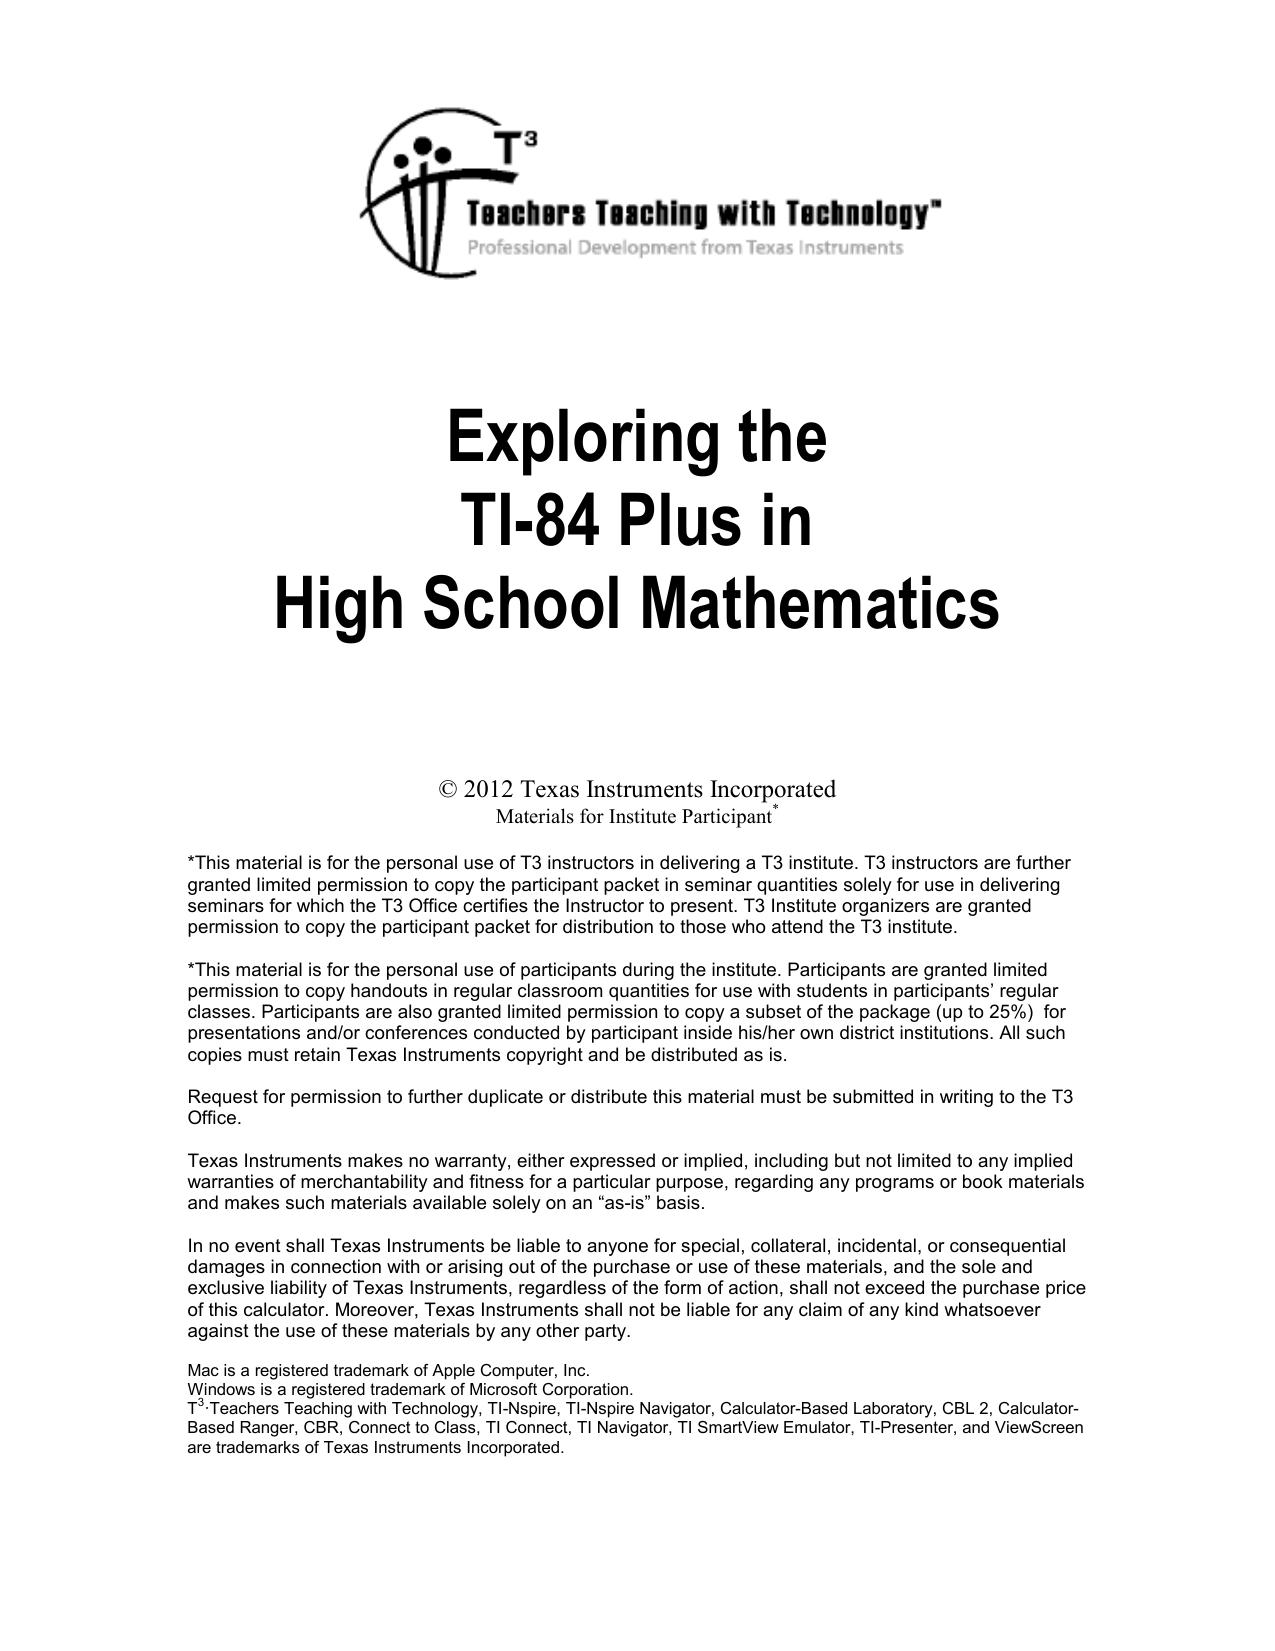 Exploring the TI-84 Plus in High School Mathematics